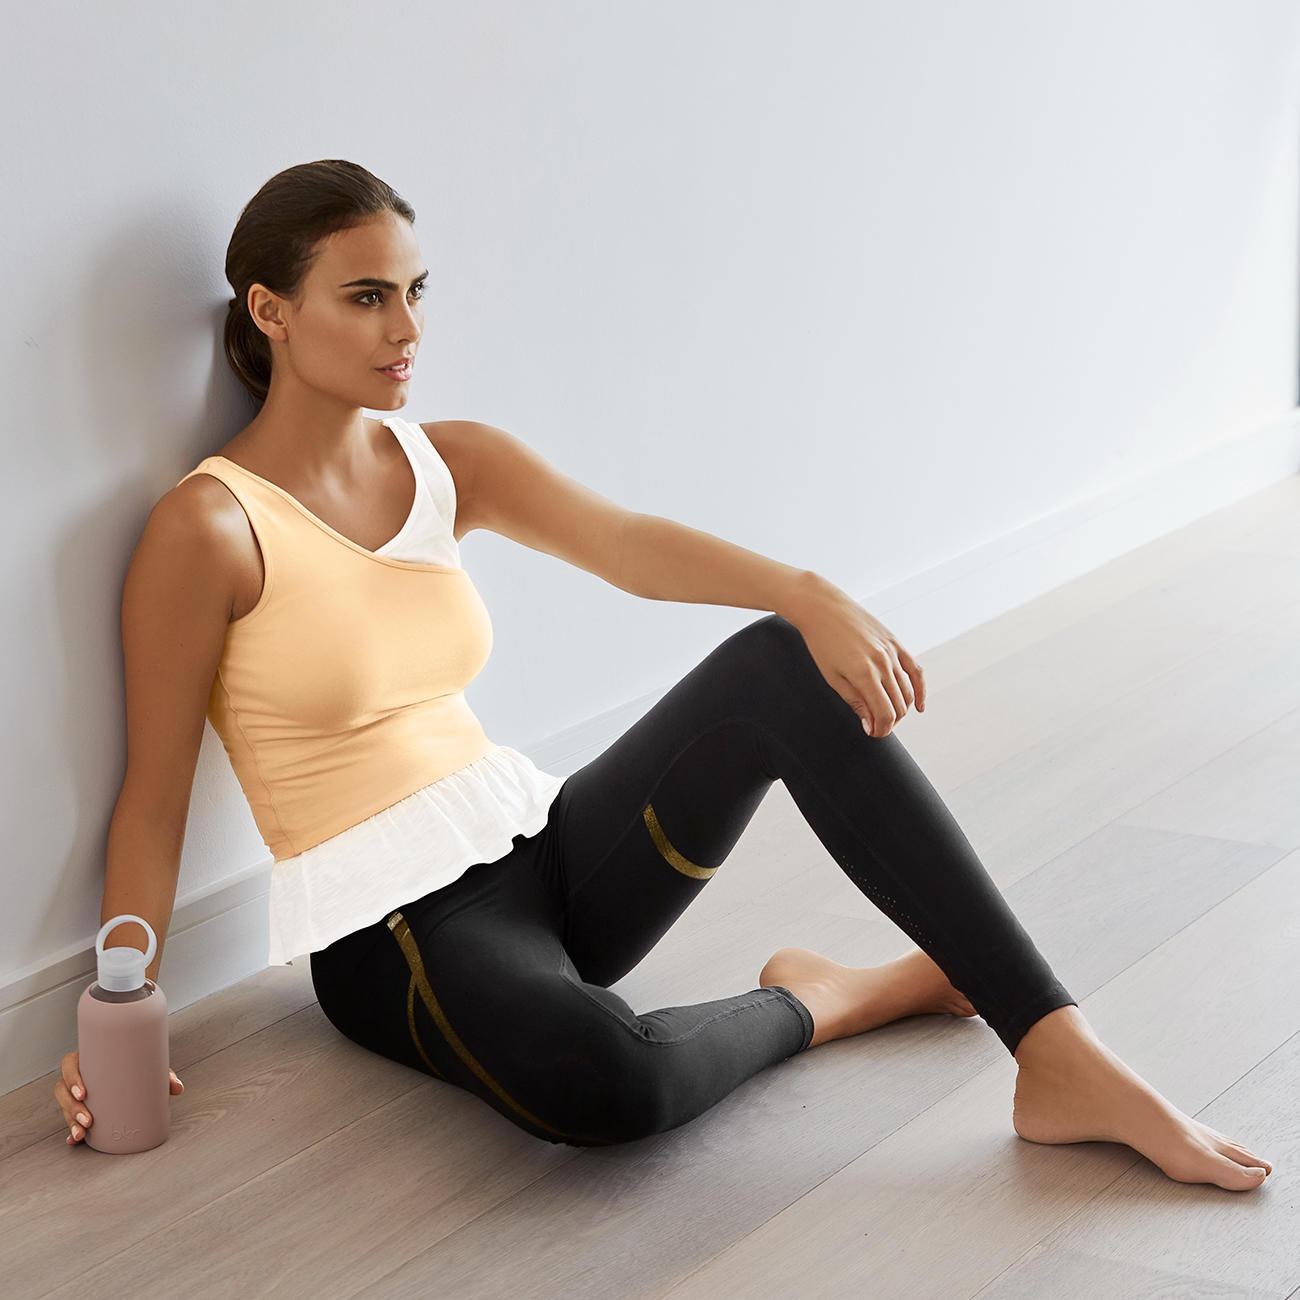 Mandala Layer-Top oder Gold-Print-Leggings, 34 - Schwarz/Gold - Gold-Print-Leggings :: Schwarz - 34 -  - Erwachsene